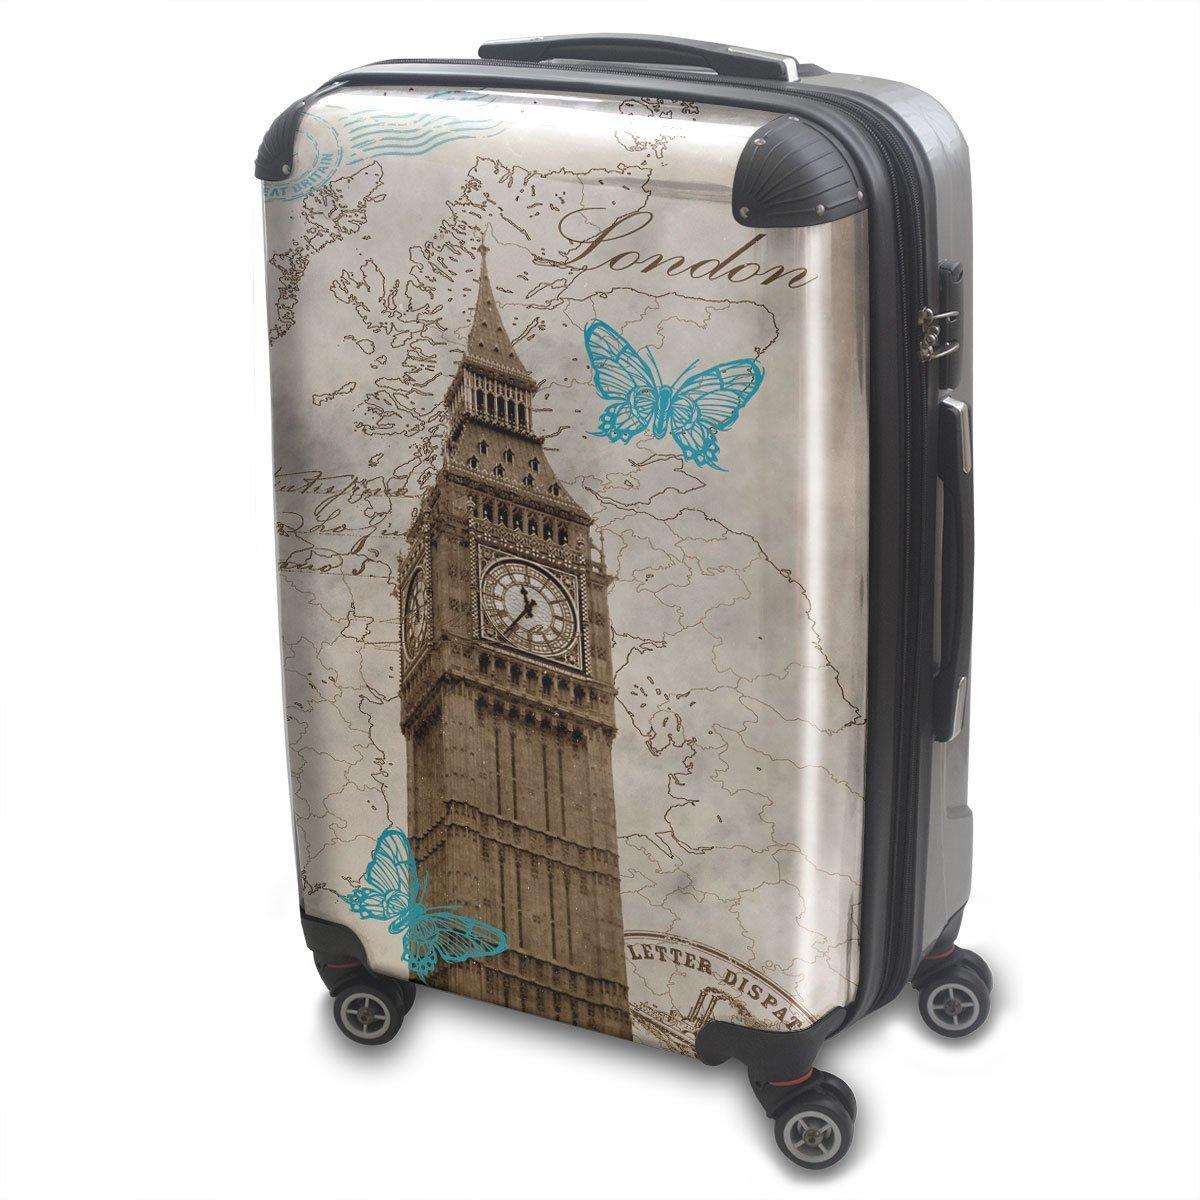 Achetez une valise london londres pas cher - Grand magasin londres pas cher ...